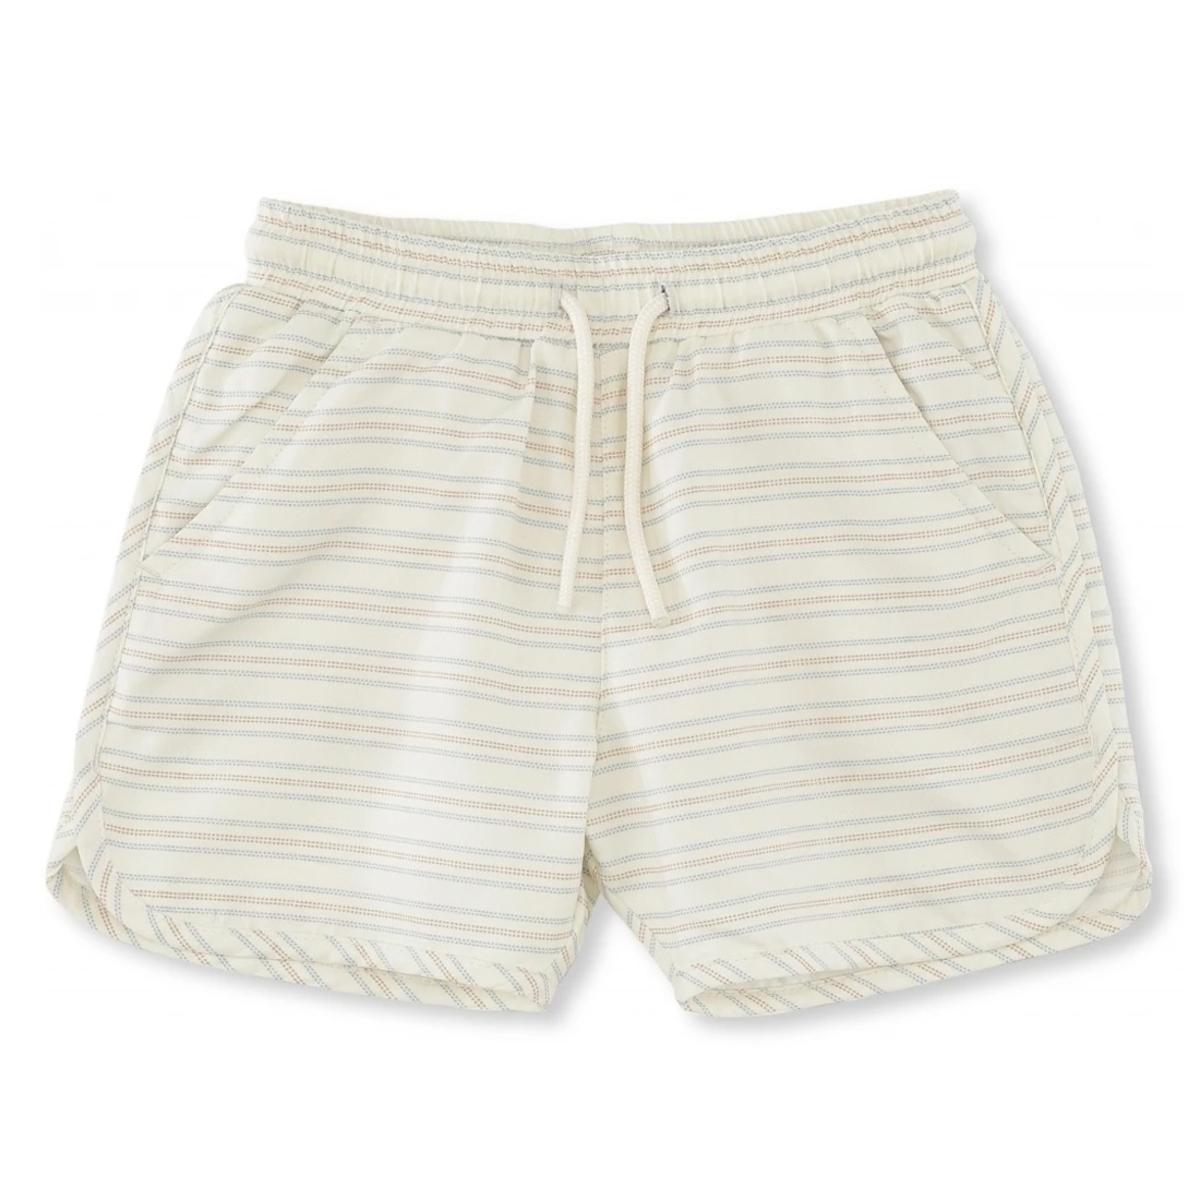 Accessoires bébé Short de Bain Vintage Stripes - 3/4 Ans